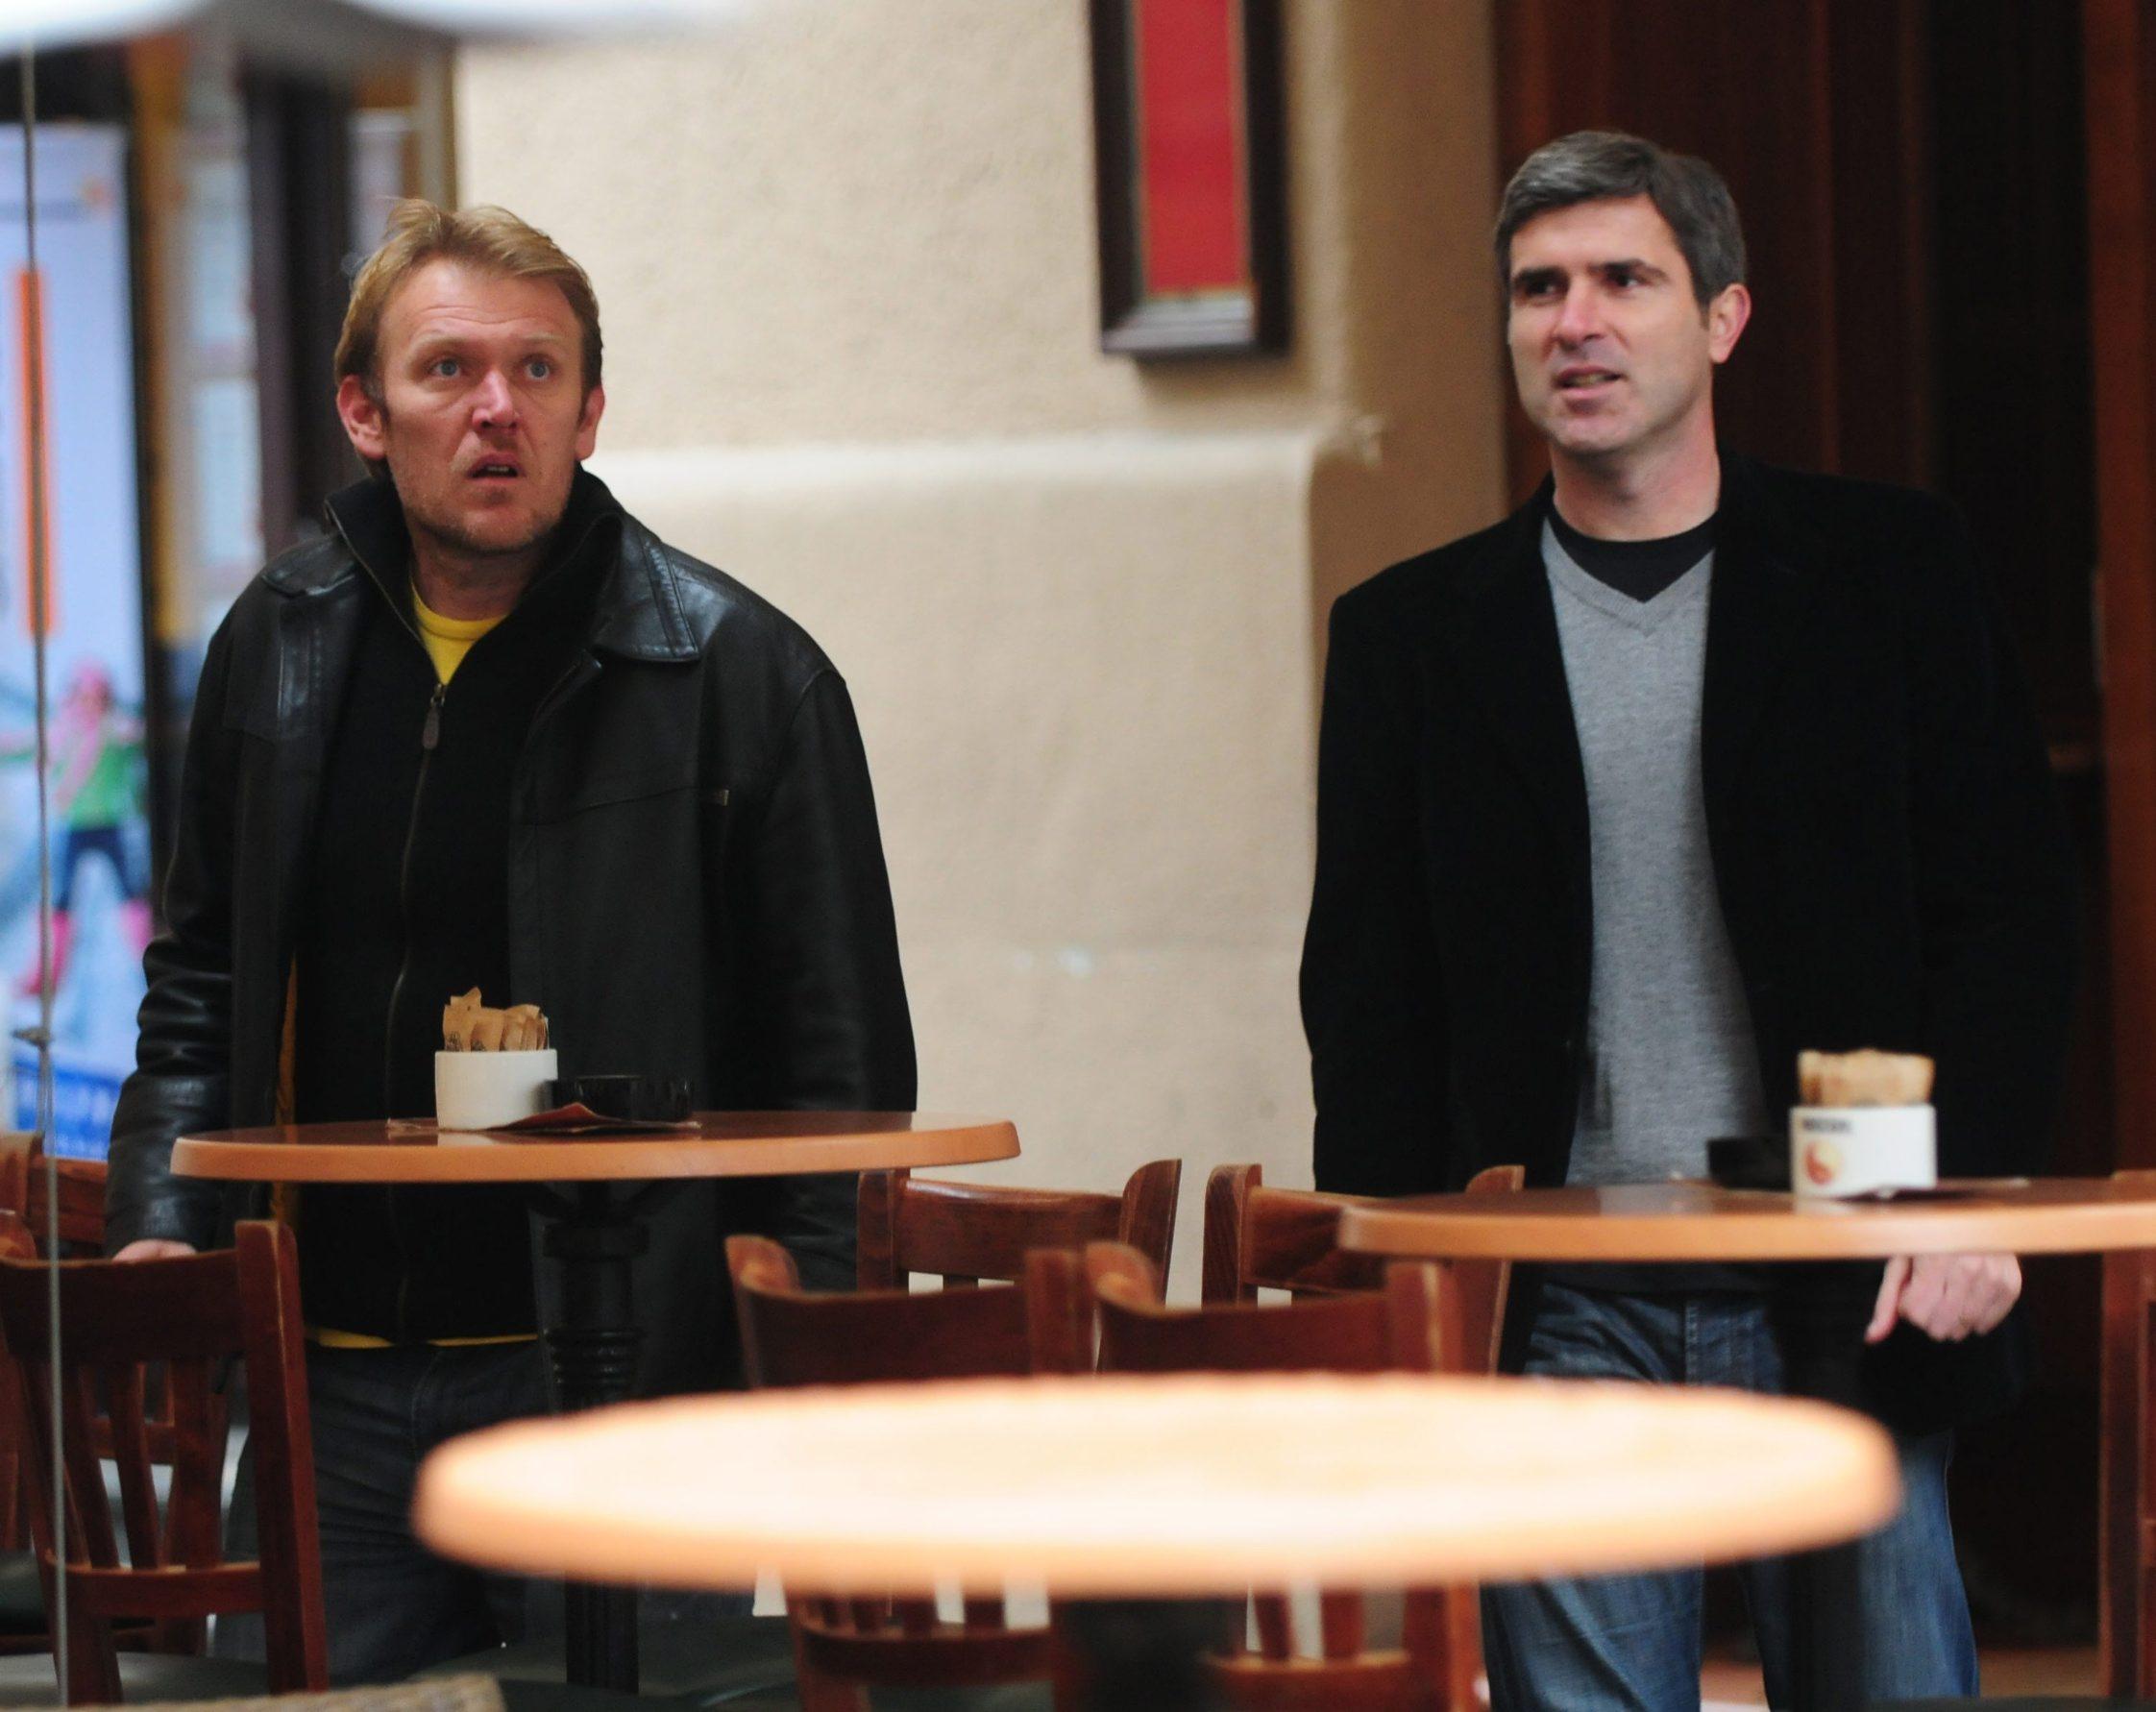 Zagreb, 221110. Poznatih je i danas bilo na Zagrebackoj spici. Na slici: Robert Prosinecki i Zvonimir Soldo popili su kavu u Bulldogu a kasnije sa prijateljima otisli preko Cvjetnog trga. Foto: Miso Lisanin / CROPIX